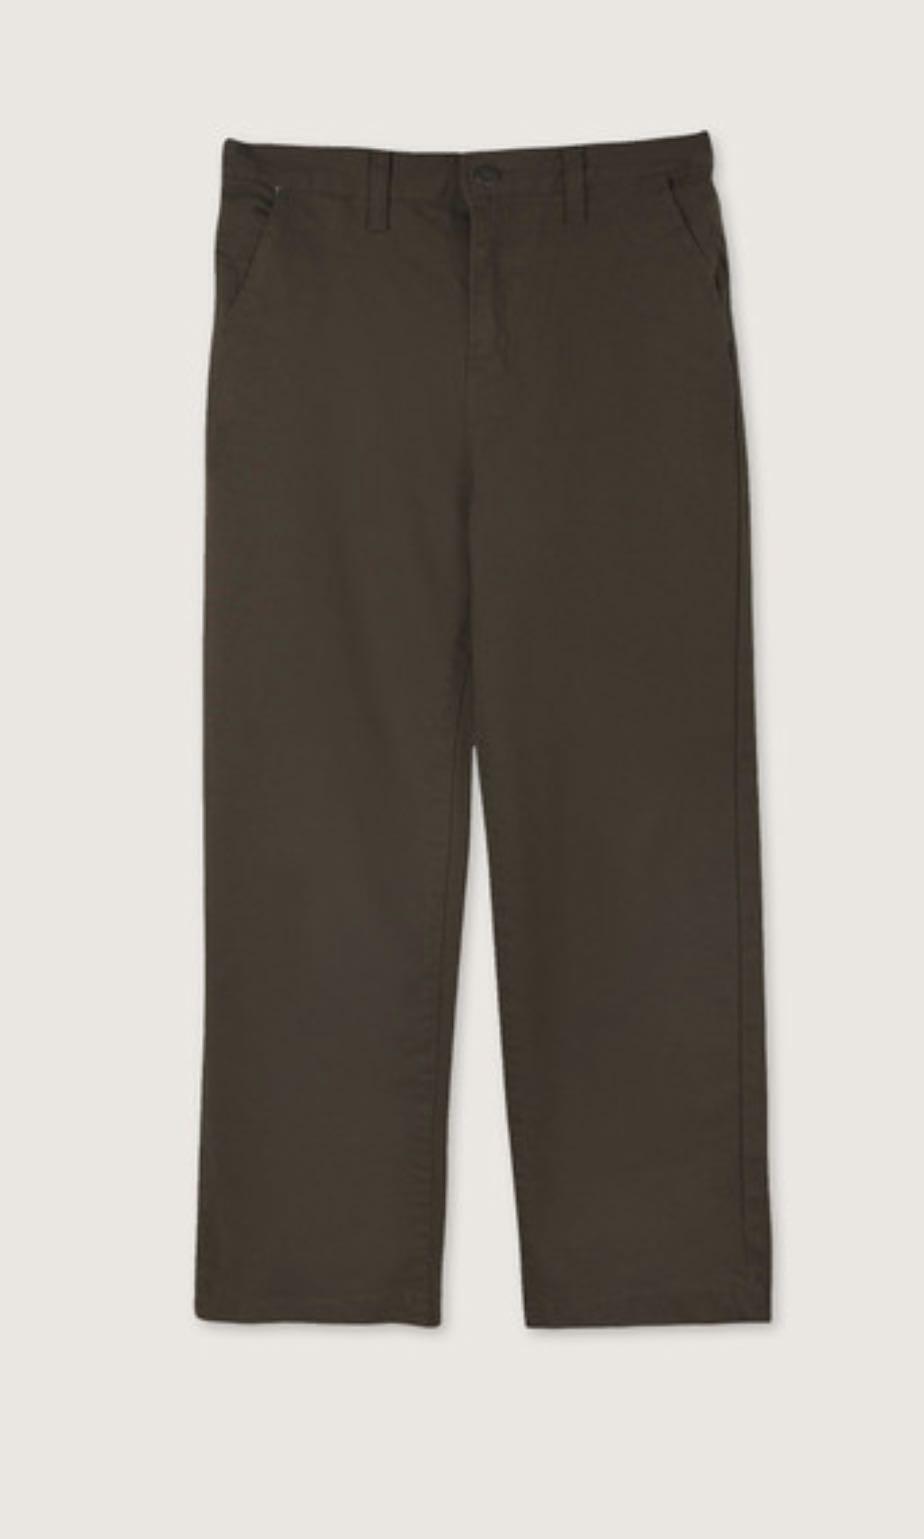 Oak+Fort Olive Straight Leg Pants